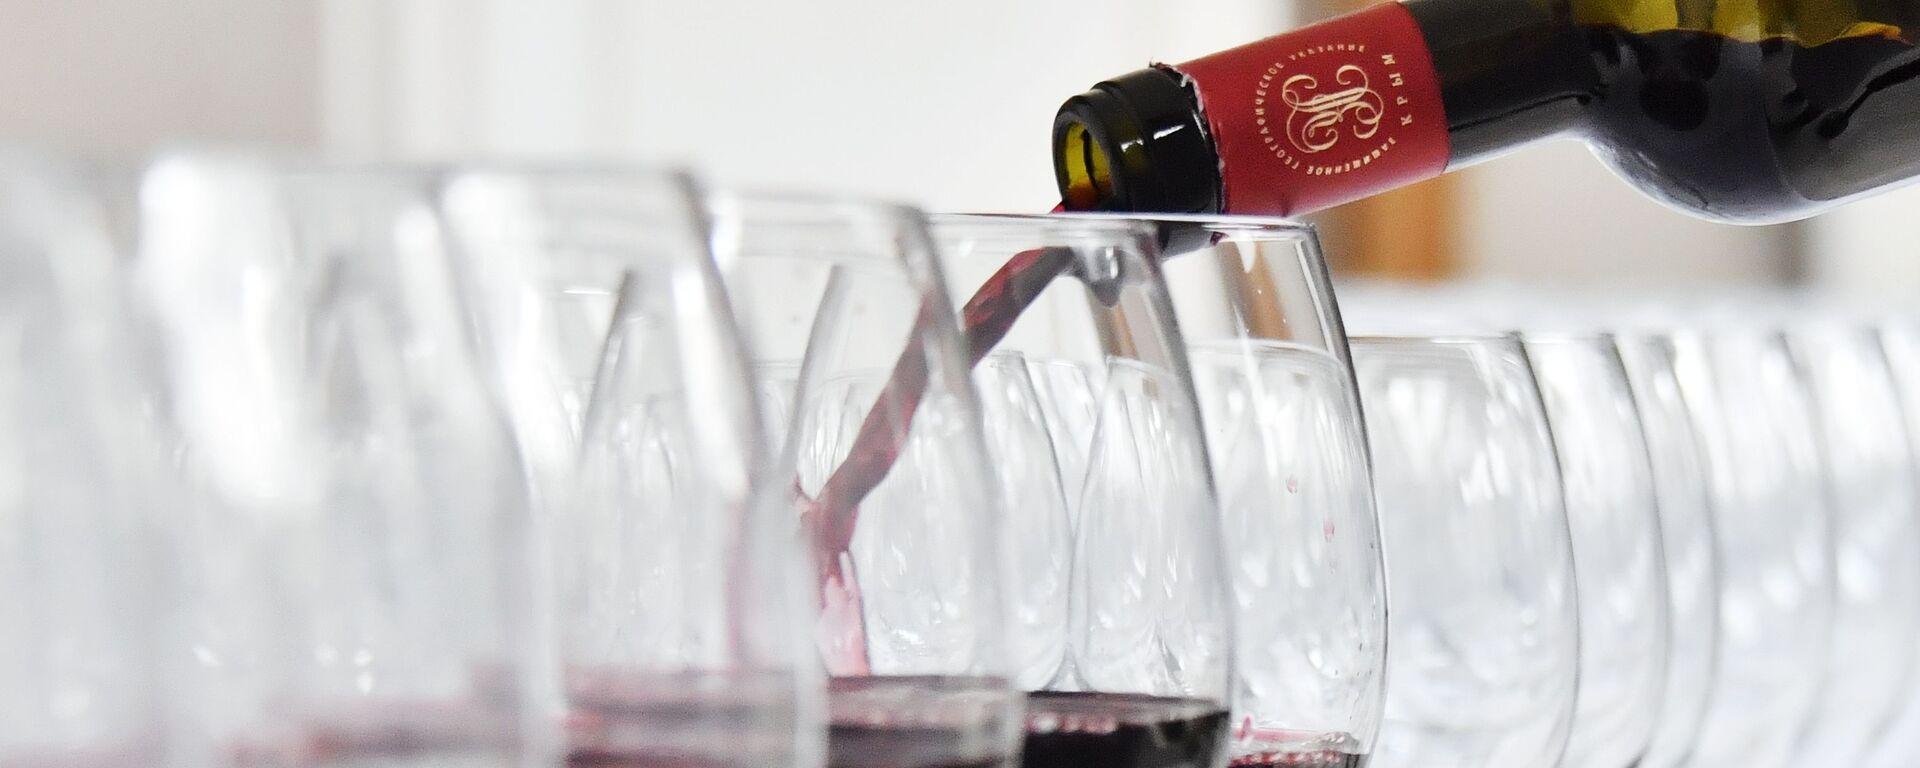 Czerwone wino  - Sputnik Polska, 1920, 27.07.2021